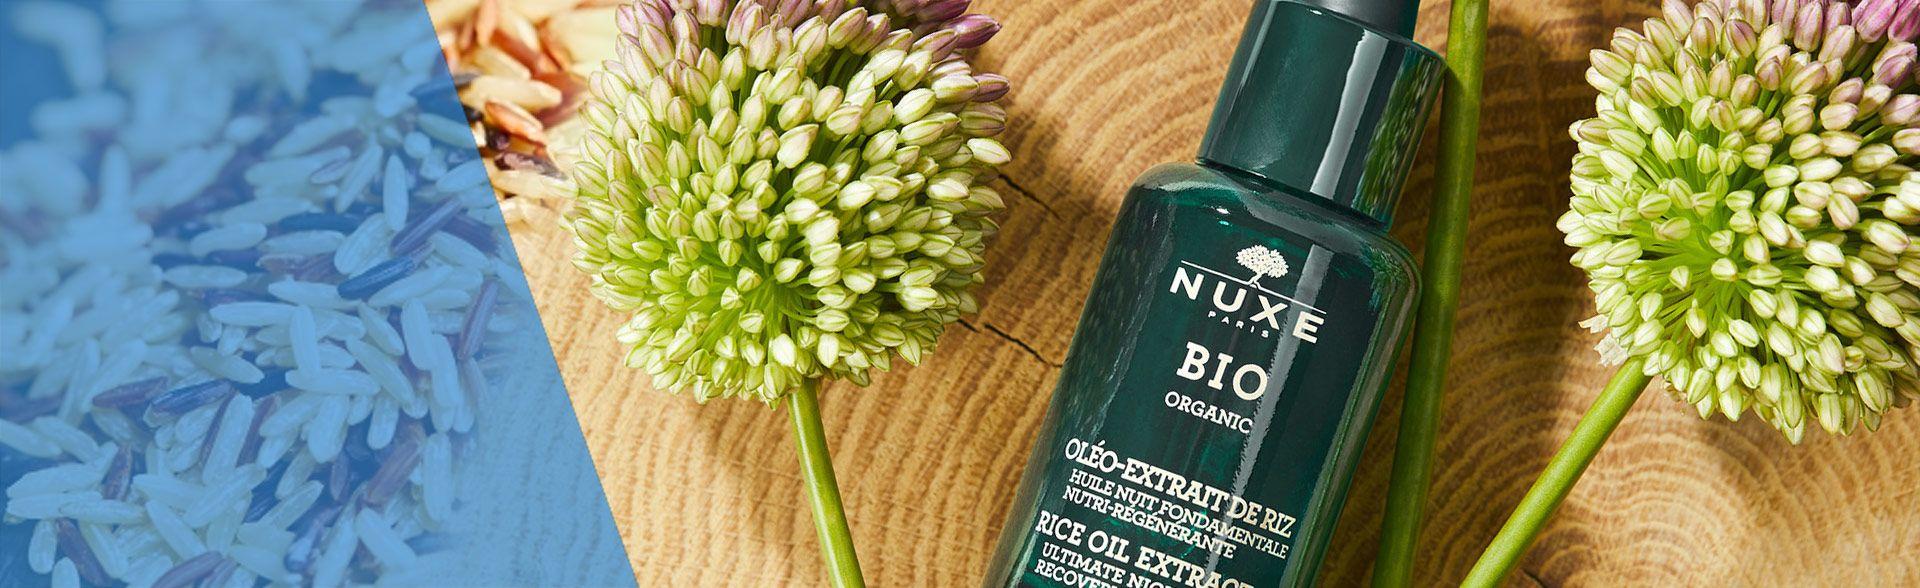 cosmética natural ecológica